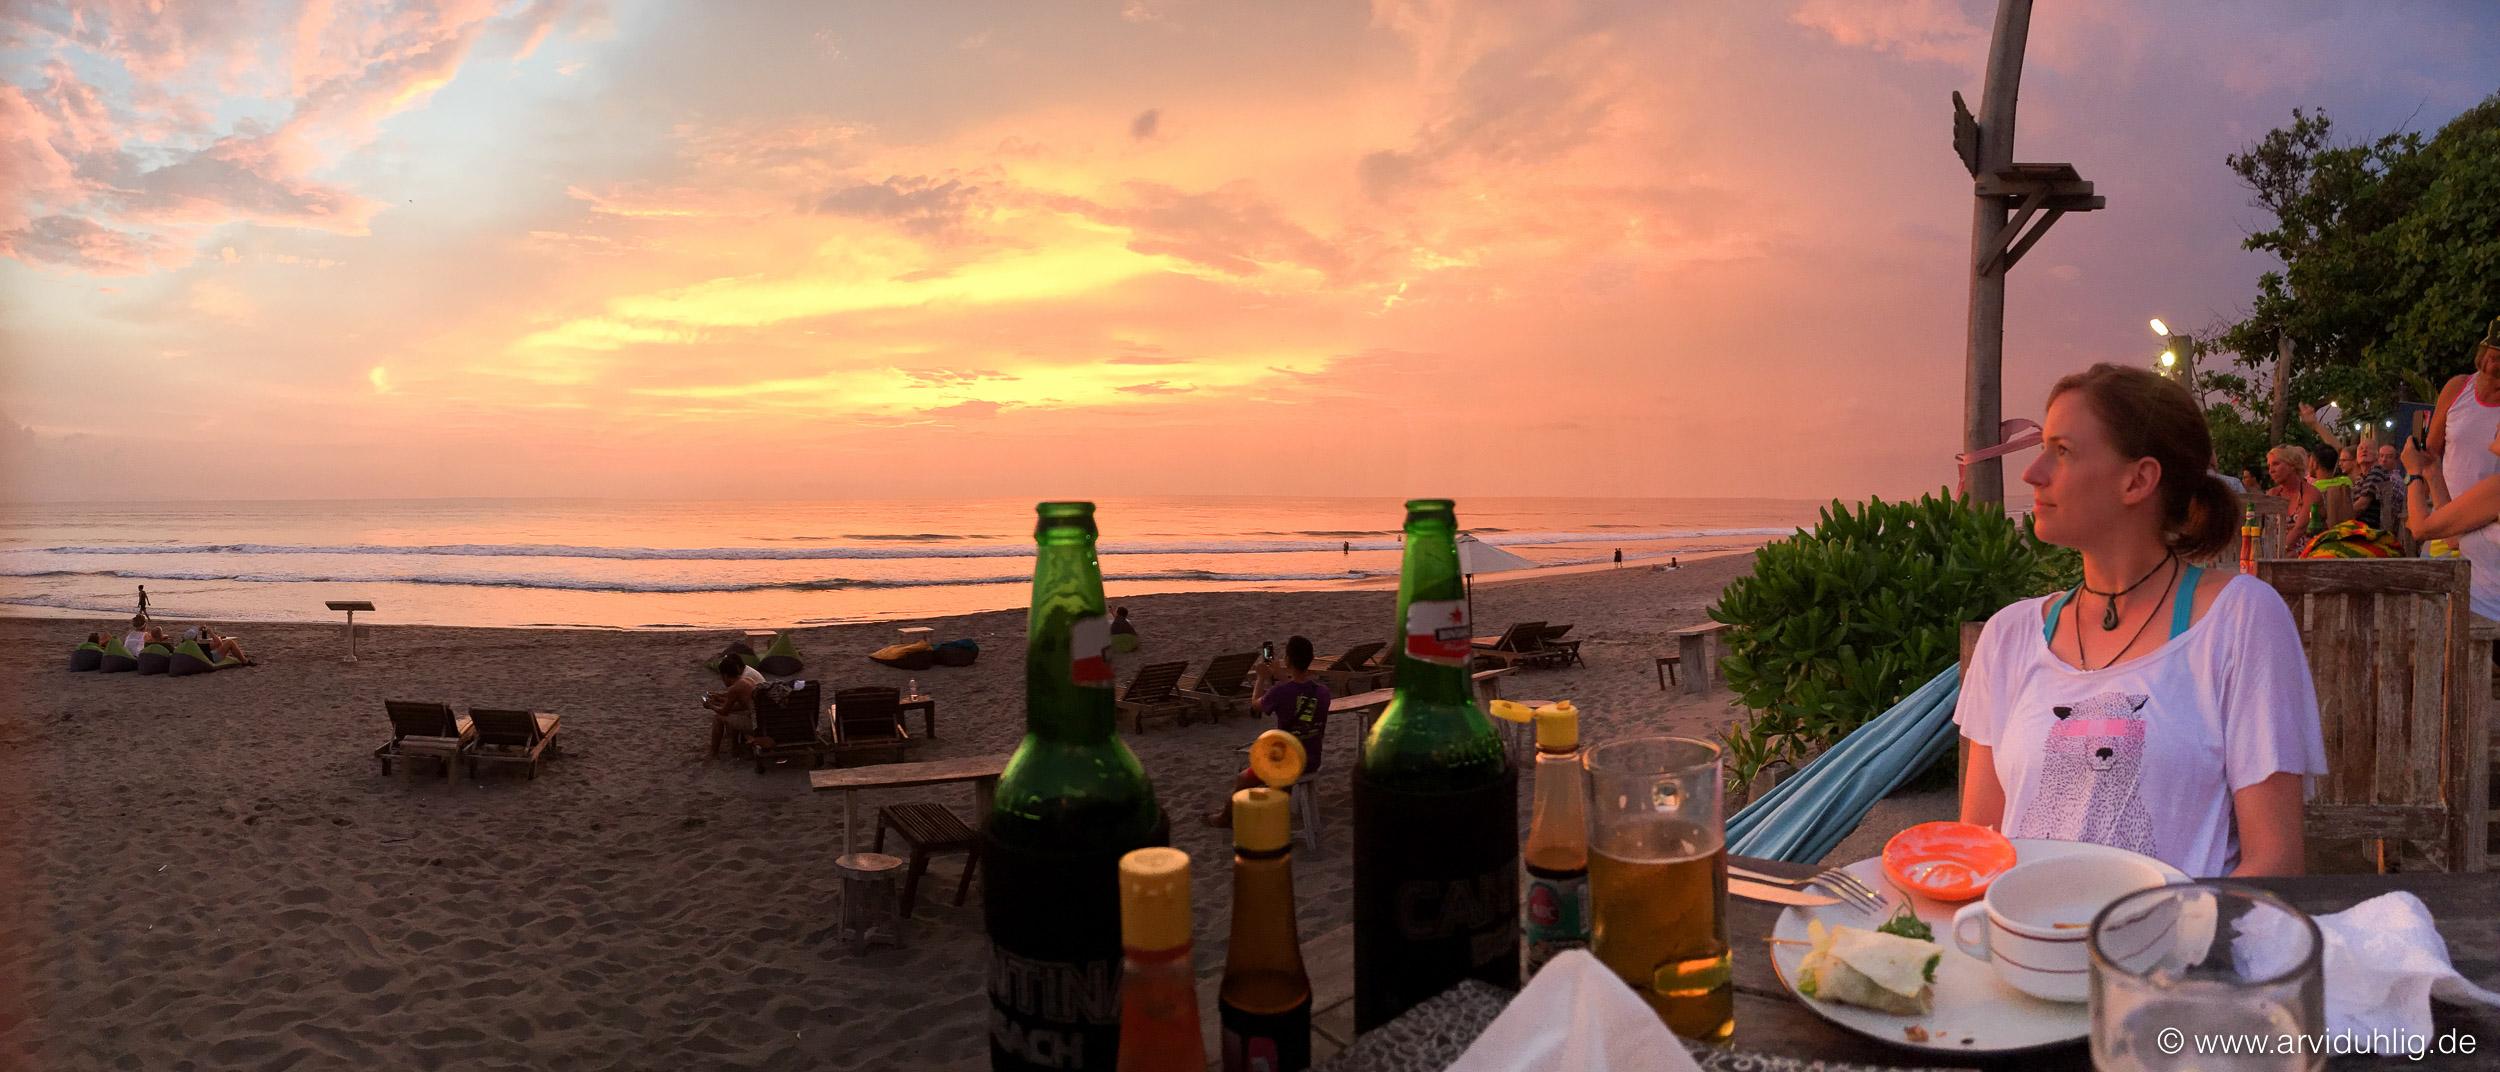 Hausstrand in Canggu | So sehen unsere Abende momentan jeden Tag aus. Rauschendes Meer. Satte Farben. Kühles Bier. Tolles Essen.